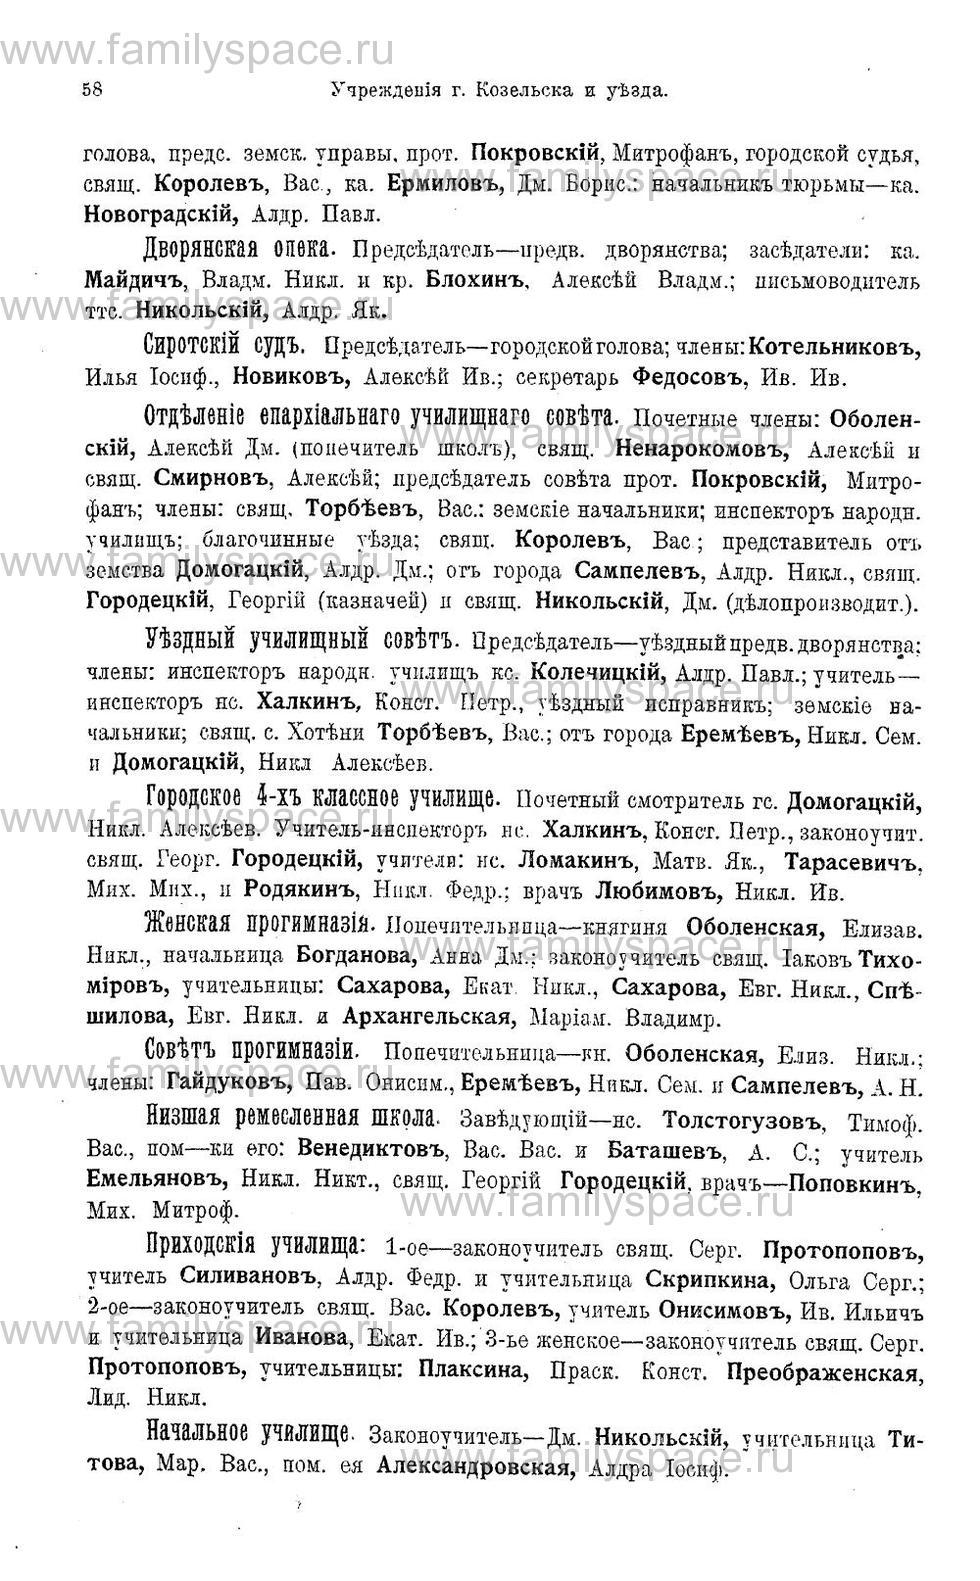 Поиск по фамилии - Памятная книжка и адрес-календарь Калужской губернии на 1911 год, страница 2058